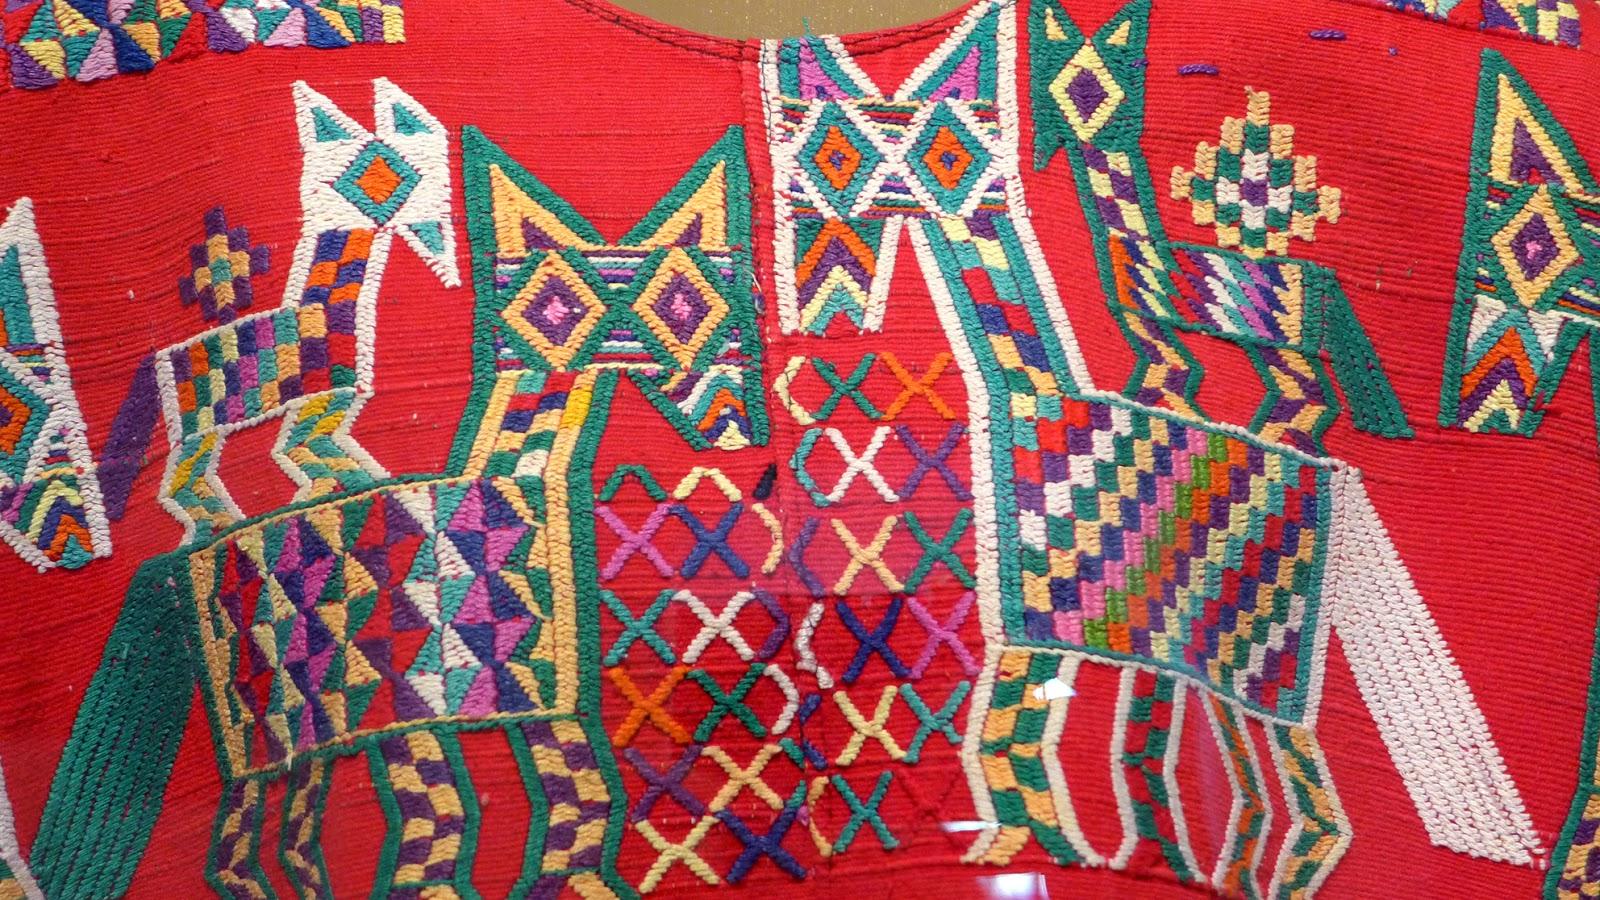 Evaelena Vintage Mayan Textiles In Chiapas Mexico